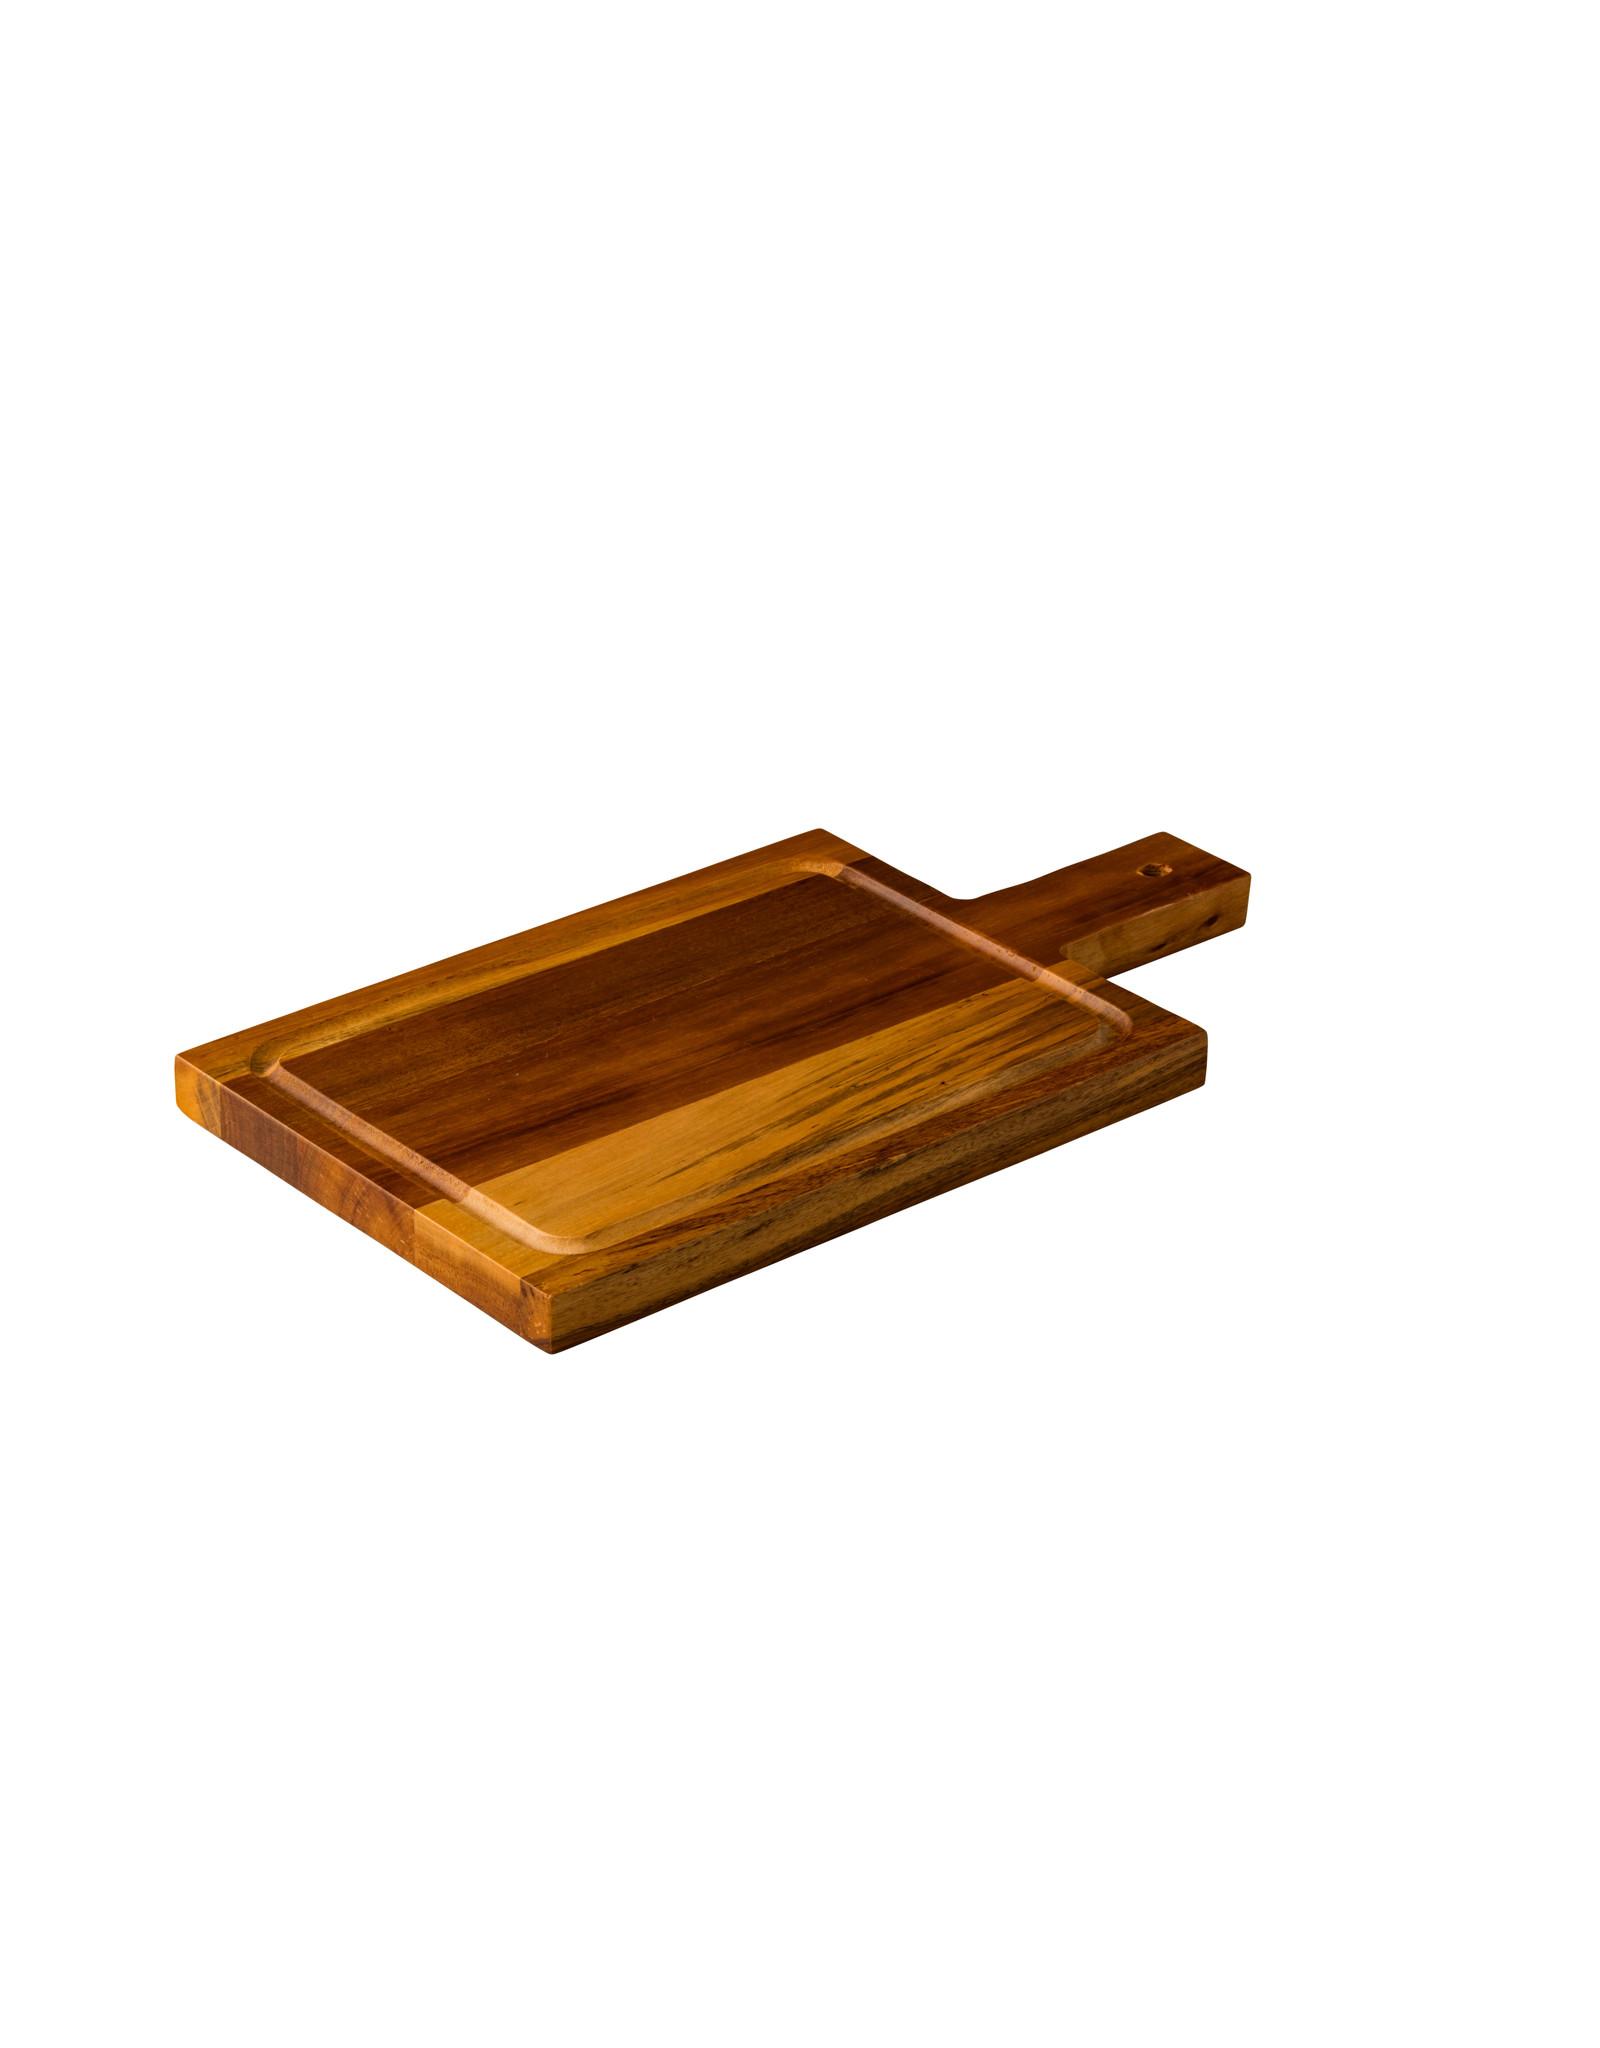 Stylepoint Acacia plank met handvat klein 35 x 18 cm